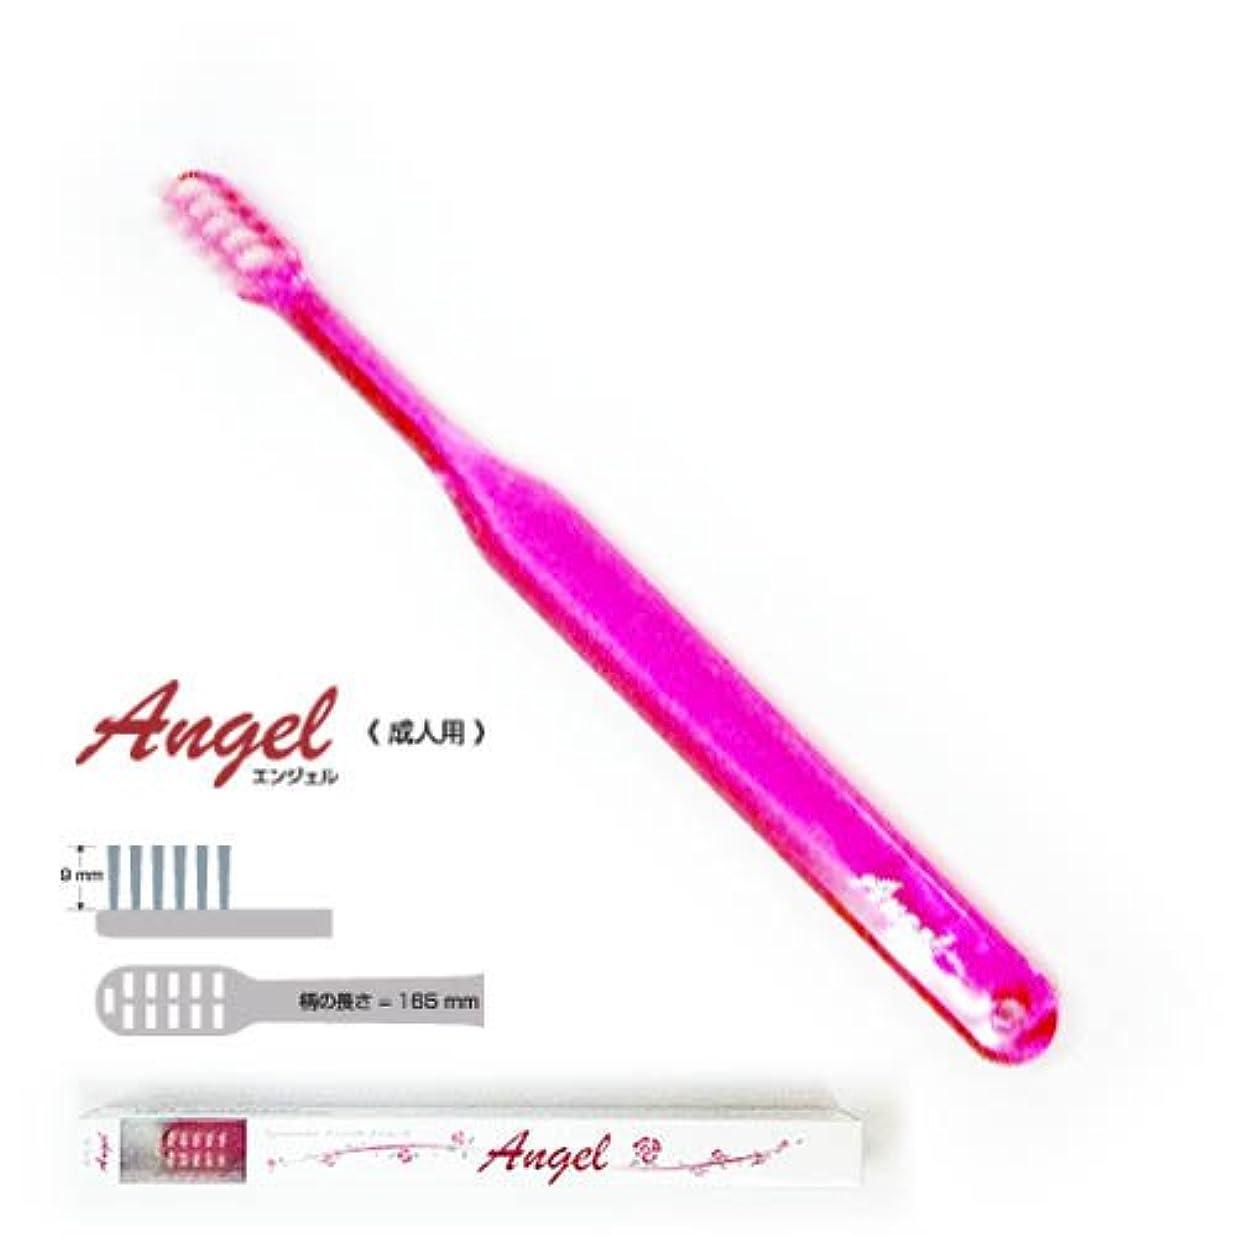 スペース出発スマイル歯科用 平穴植毛歯ブラシ 【エンジェル】 (ピンク)